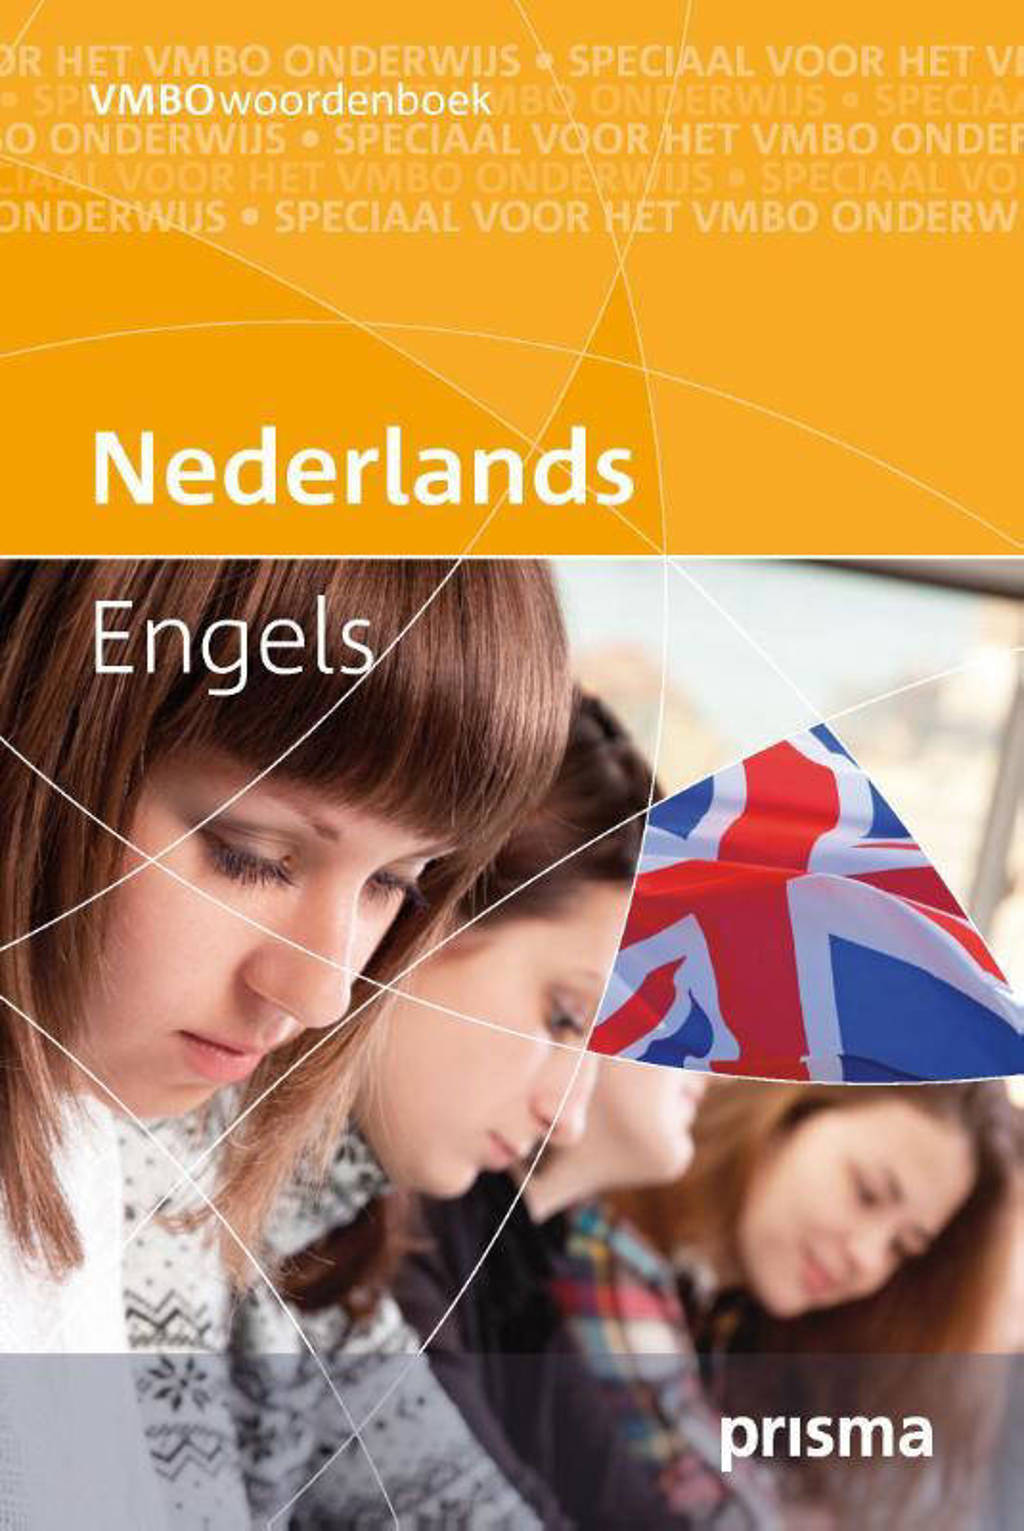 Prisma vmbo woordenboek Nederlands-Engels - Prue Gargano en Fokke Veldman